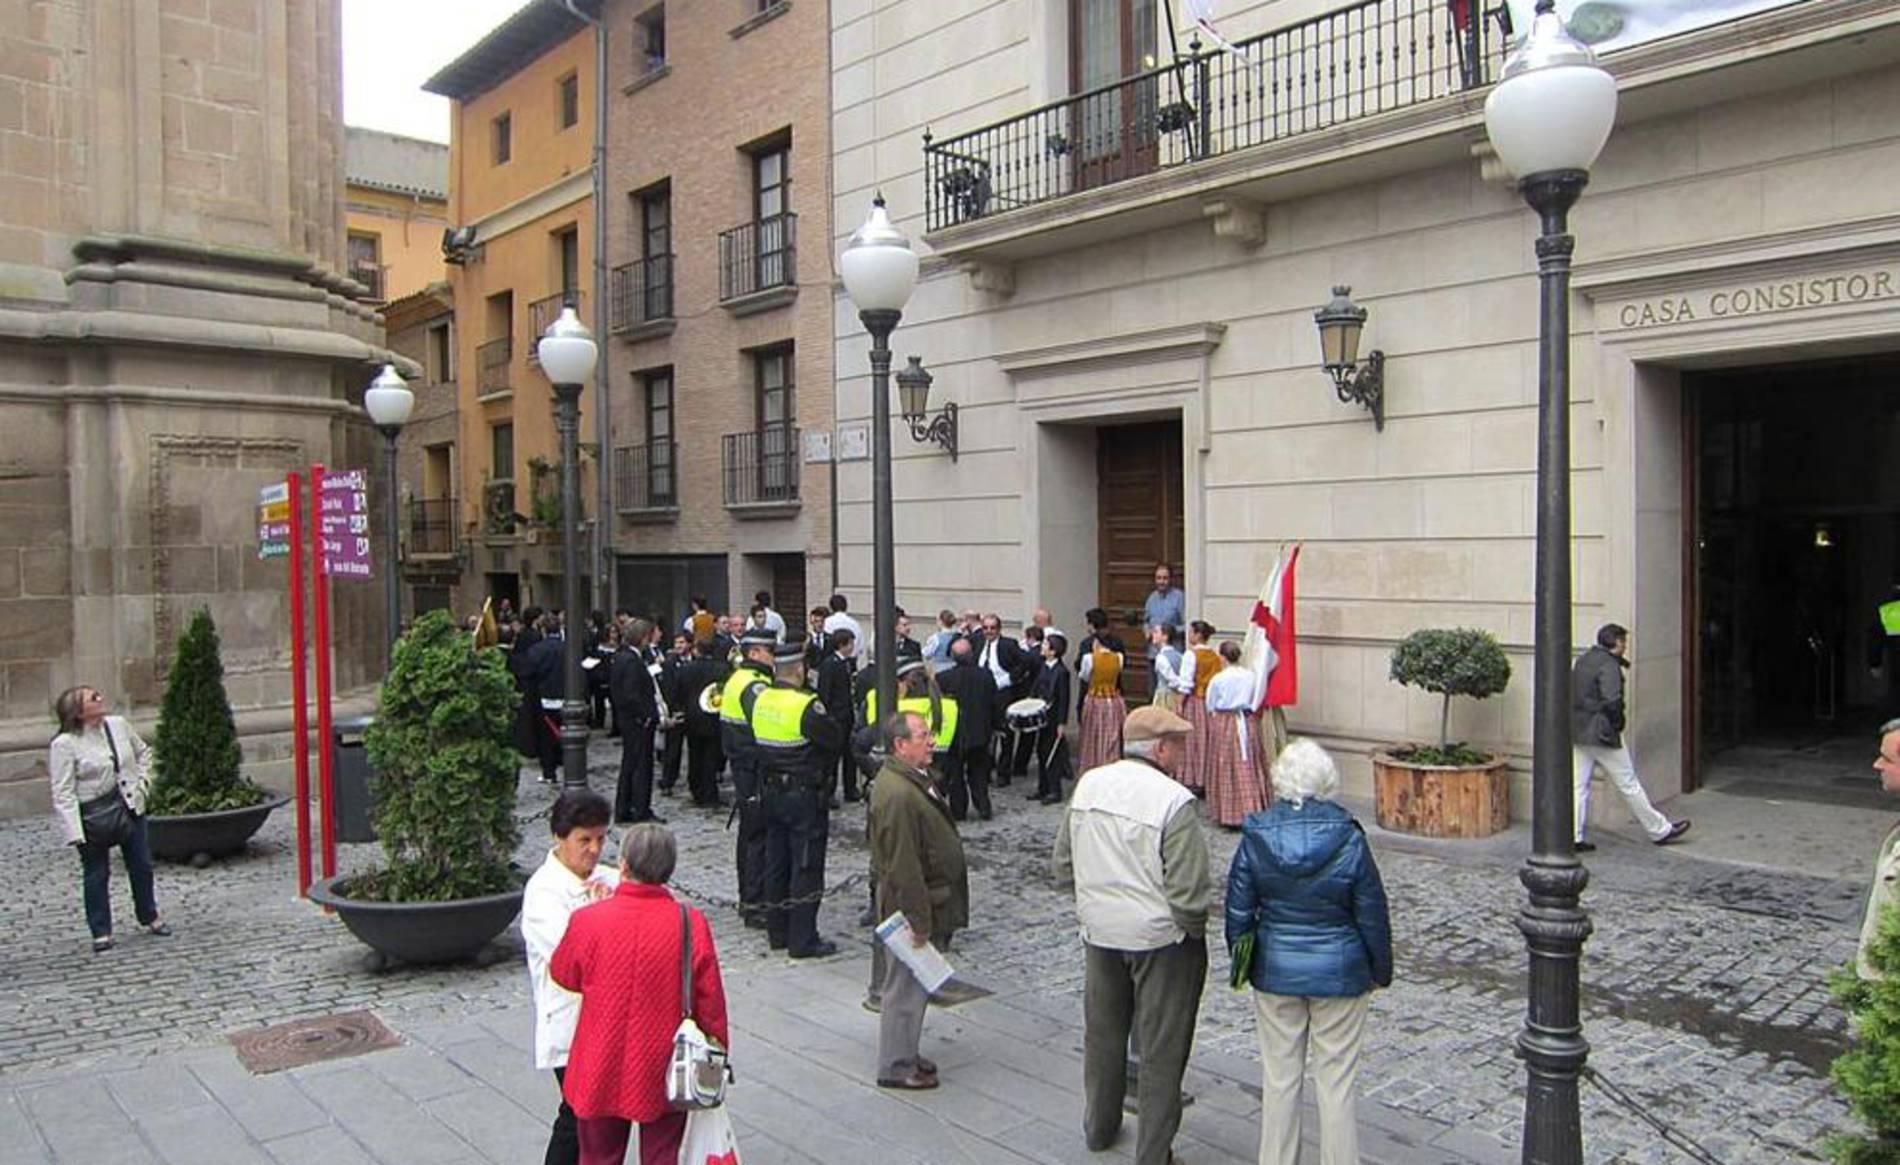 Imágenes de este sábado 5 de mayo de la marcha por Tudela de la Orden del Volatín